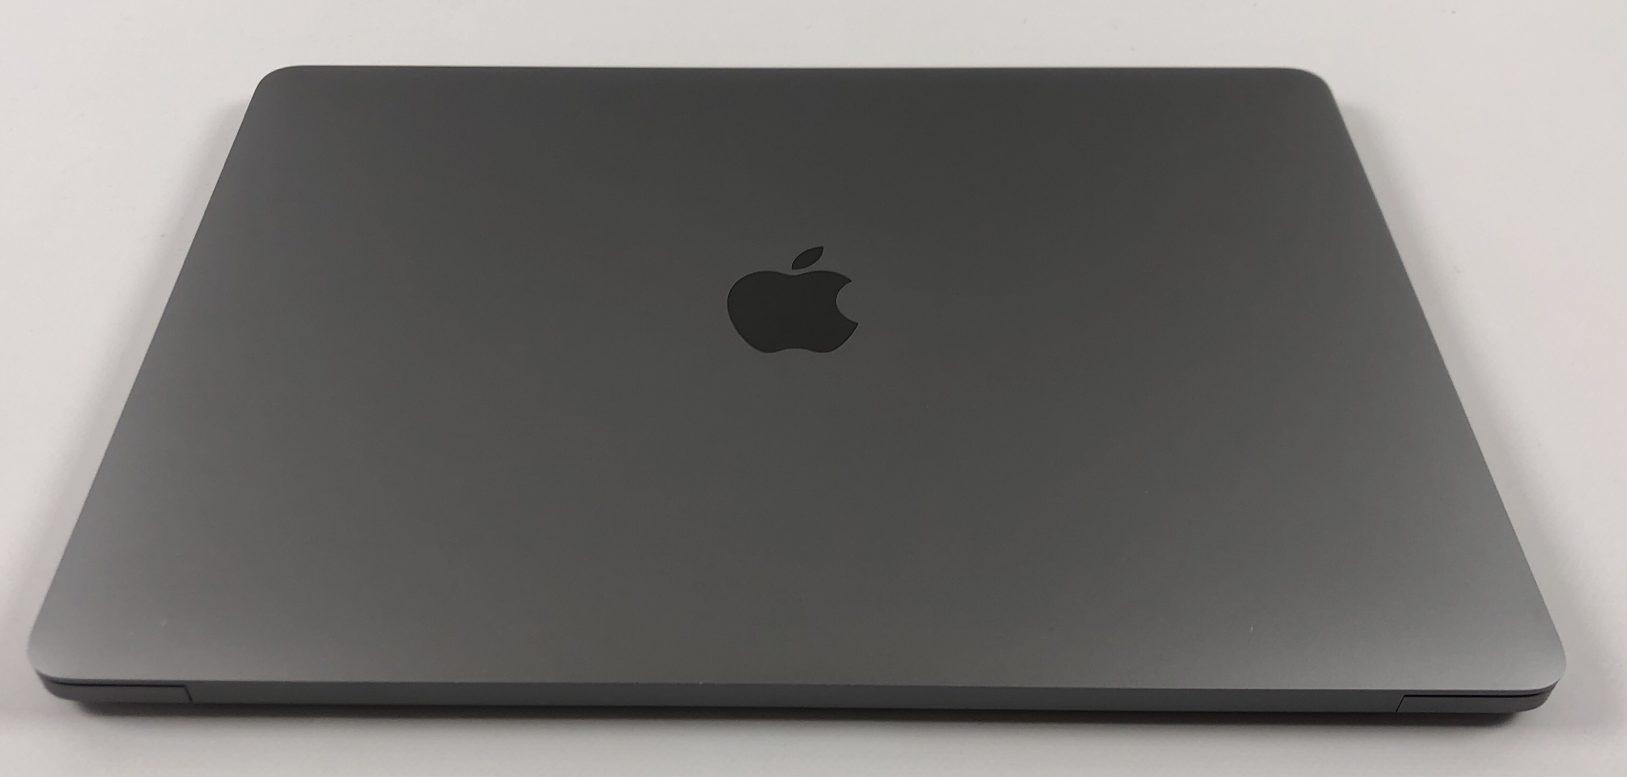 """MacBook Pro 13"""" 2TBT Mid 2019 (Intel Quad-Core i5 1.4 GHz 8 GB RAM 256 GB SSD), Space Gray, Intel Quad-Core i5 1.4 GHz, 8 GB RAM, 256 GB SSD, image 2"""